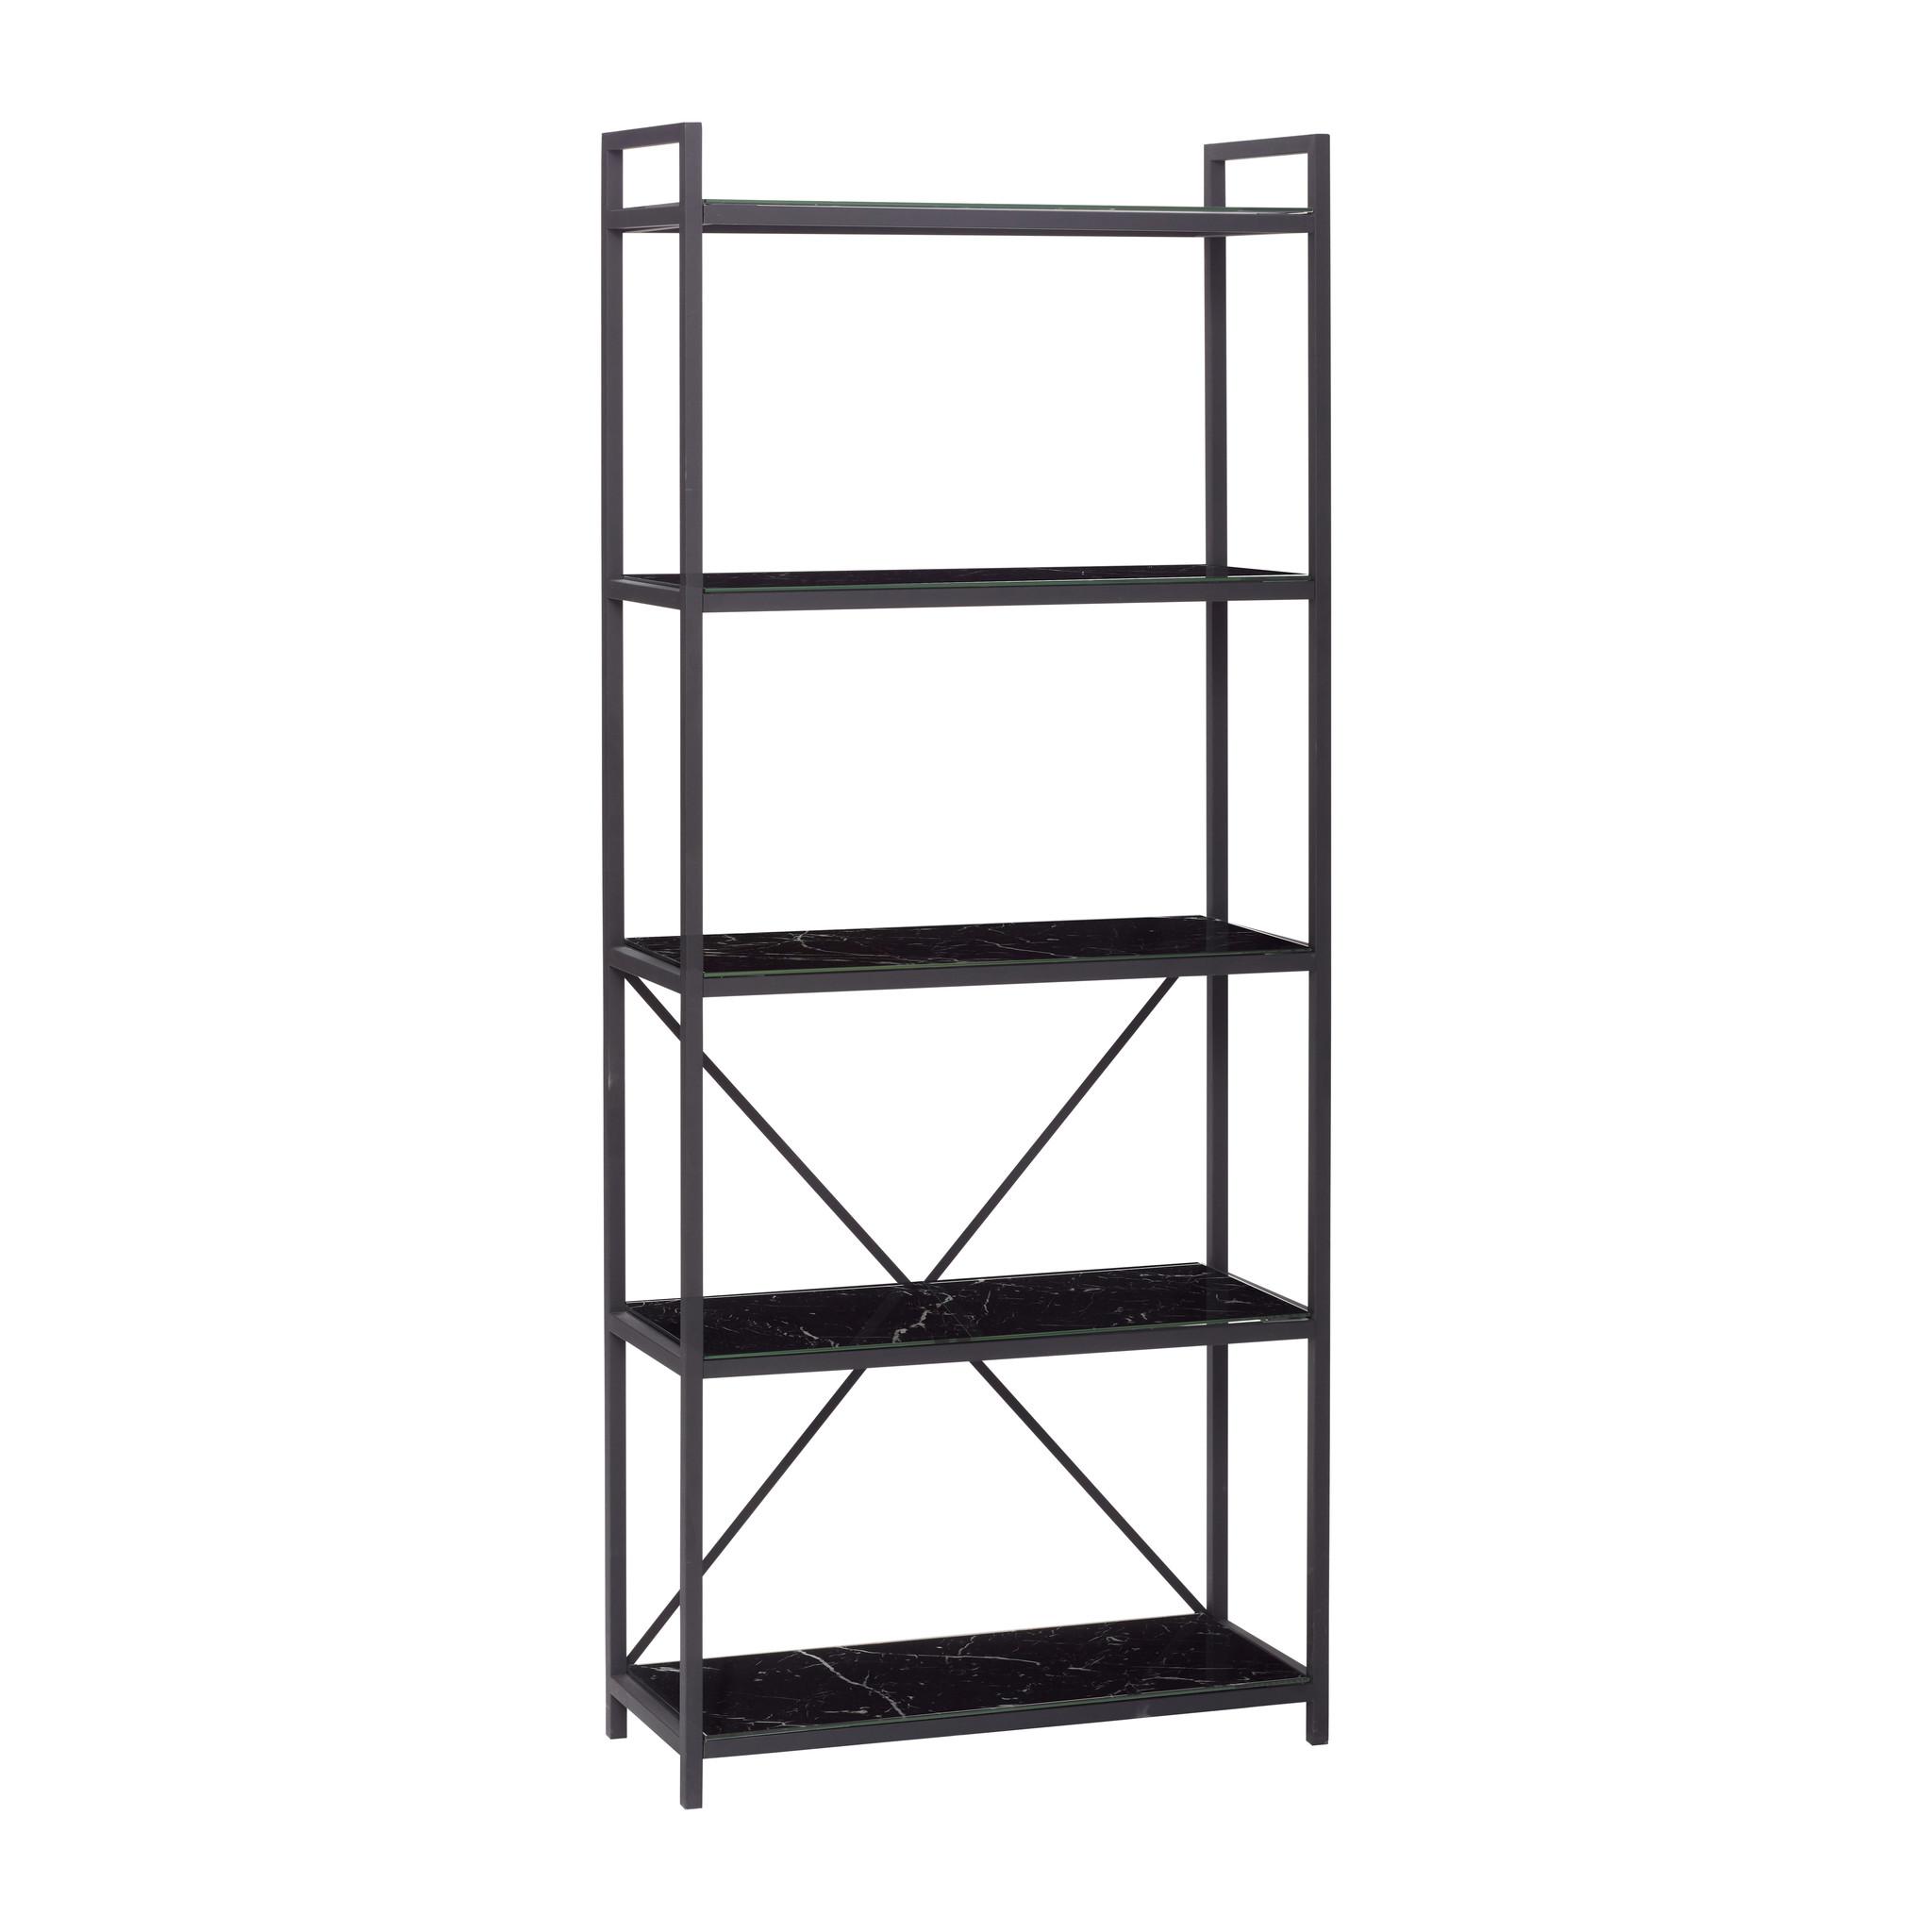 Hubsch Plank met 5 planken, metaal / glas, zwart-930401-5712772045404